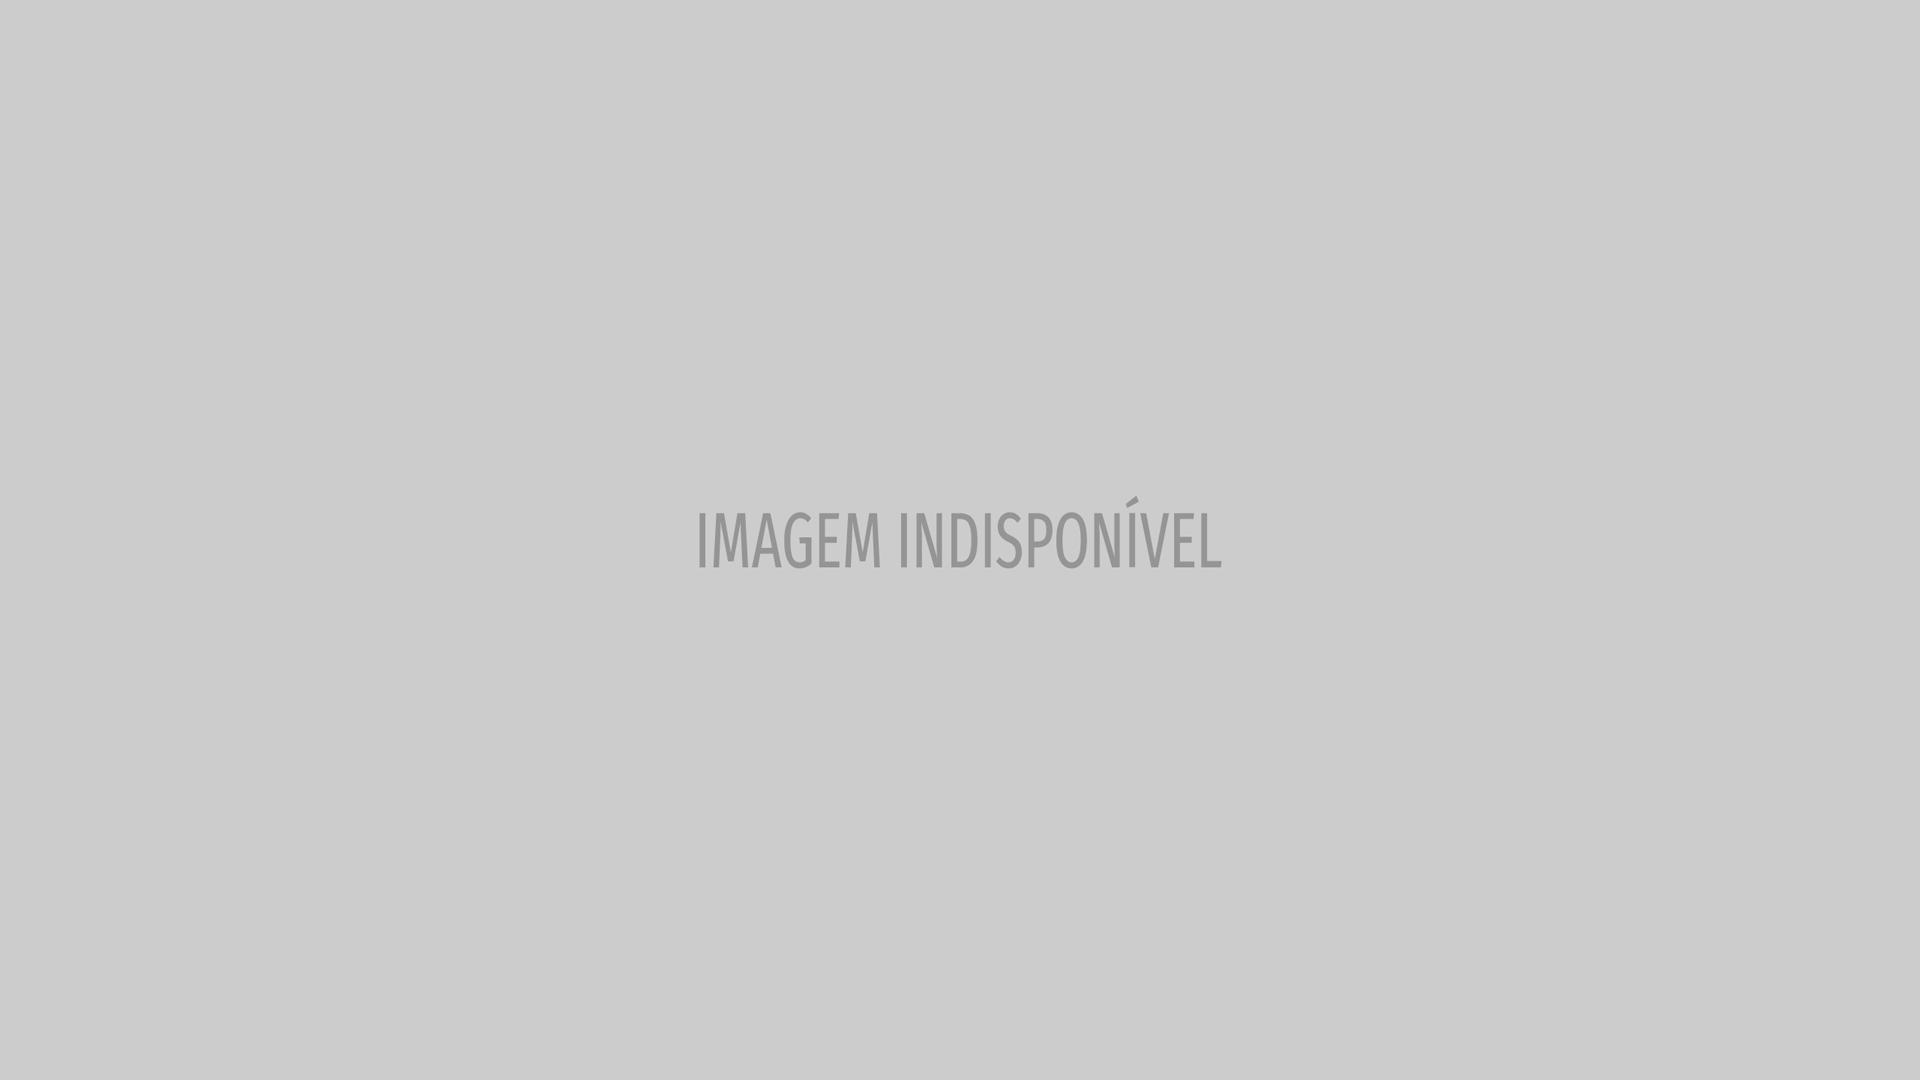 Georgina Rodríguez 'chora' a morte de amiga de quatro patas